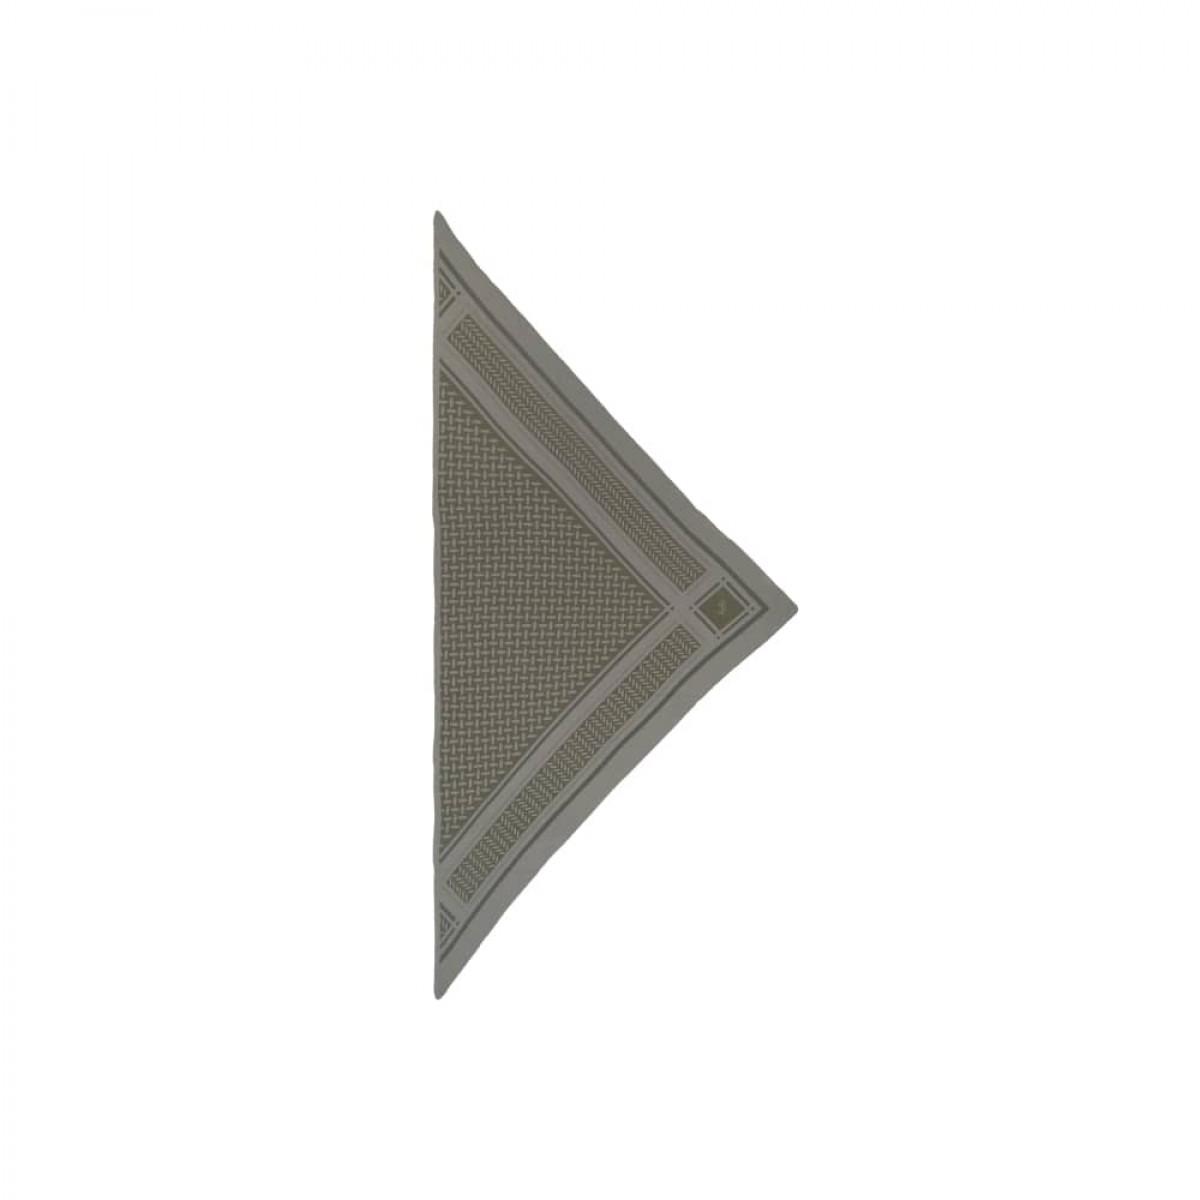 triangle trinity neo m - carvi neo - front